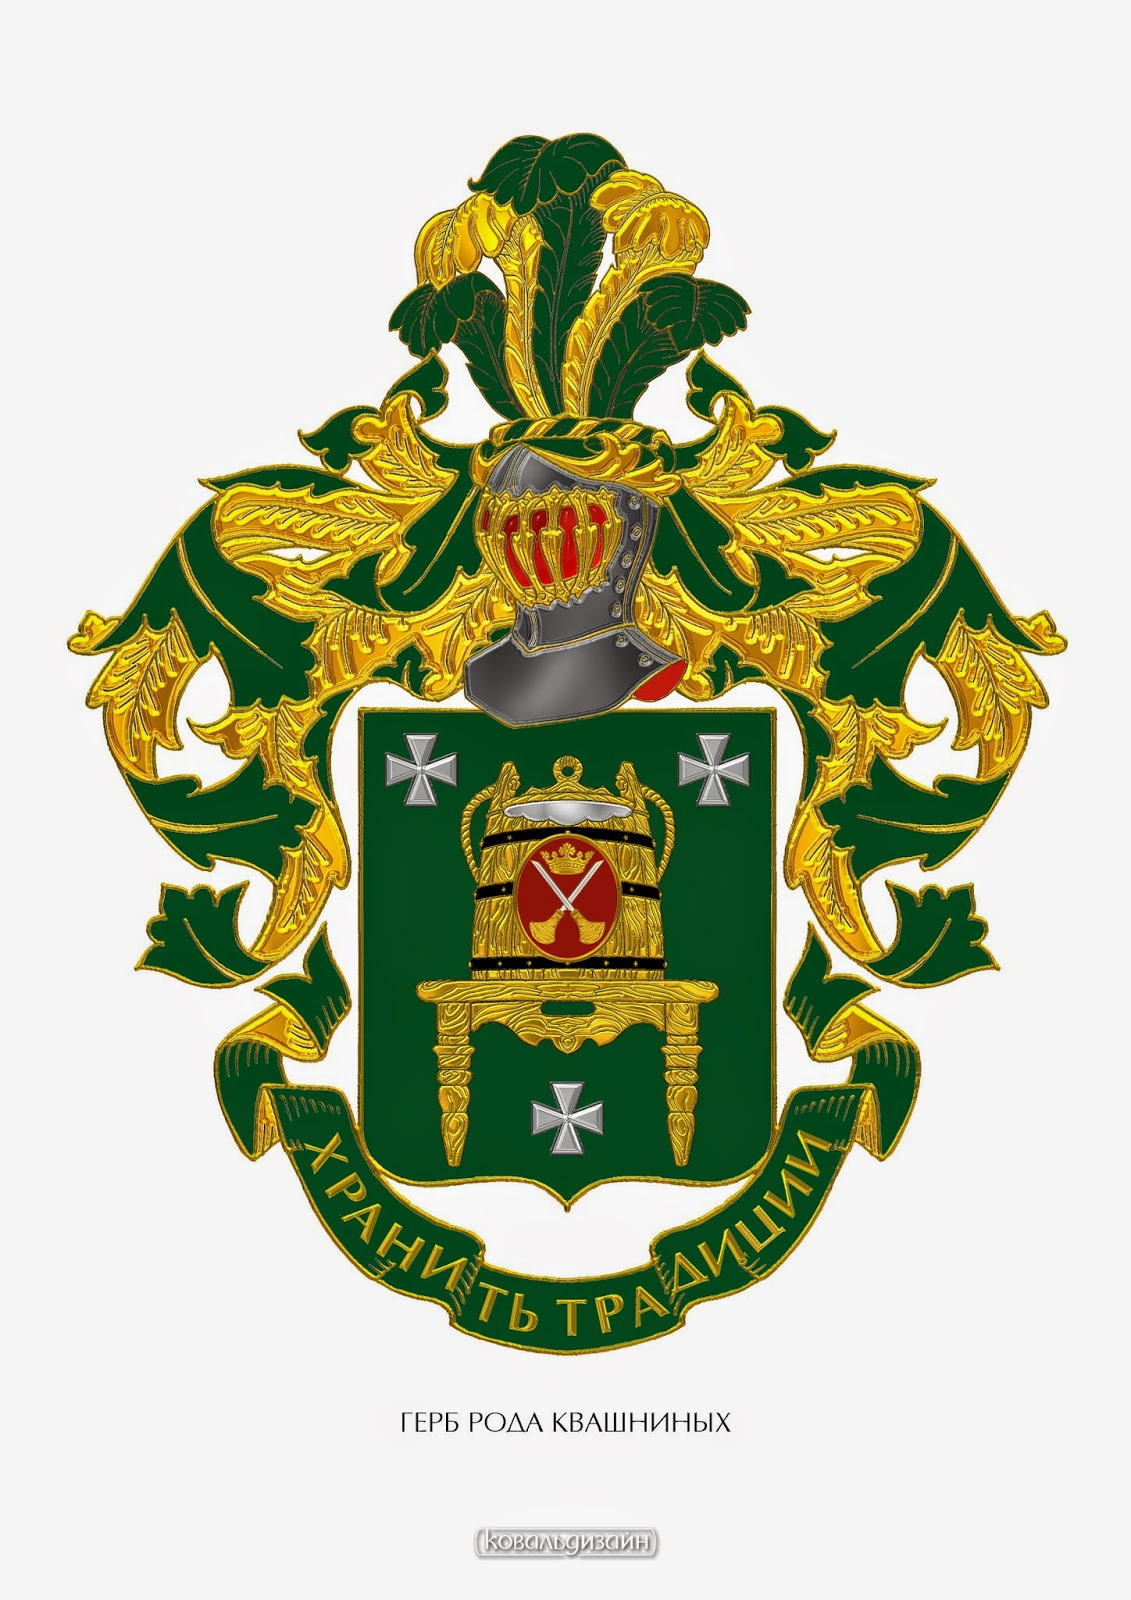 Зеленый цвет в гербе это